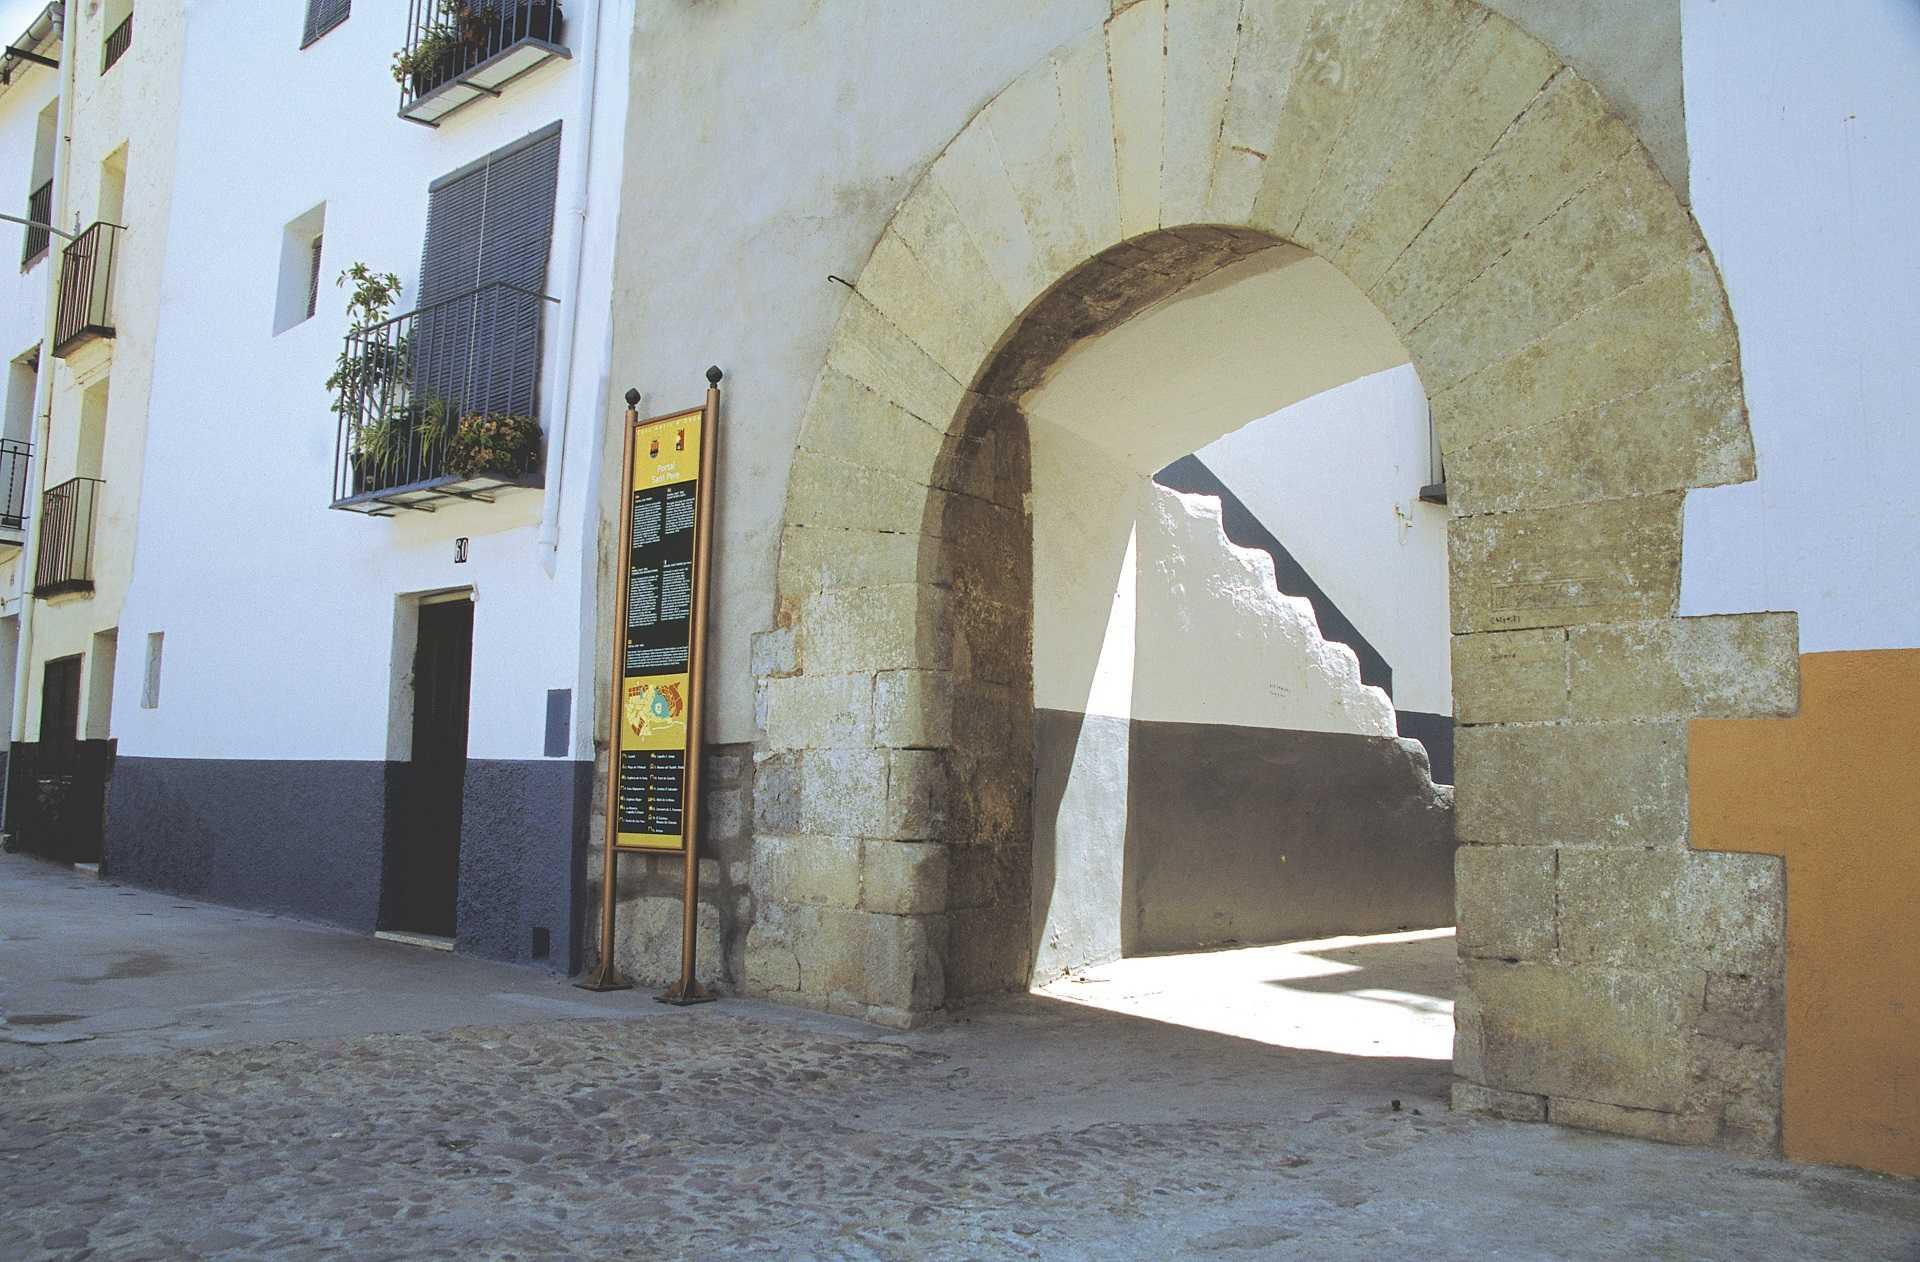 Centre històric d'onda